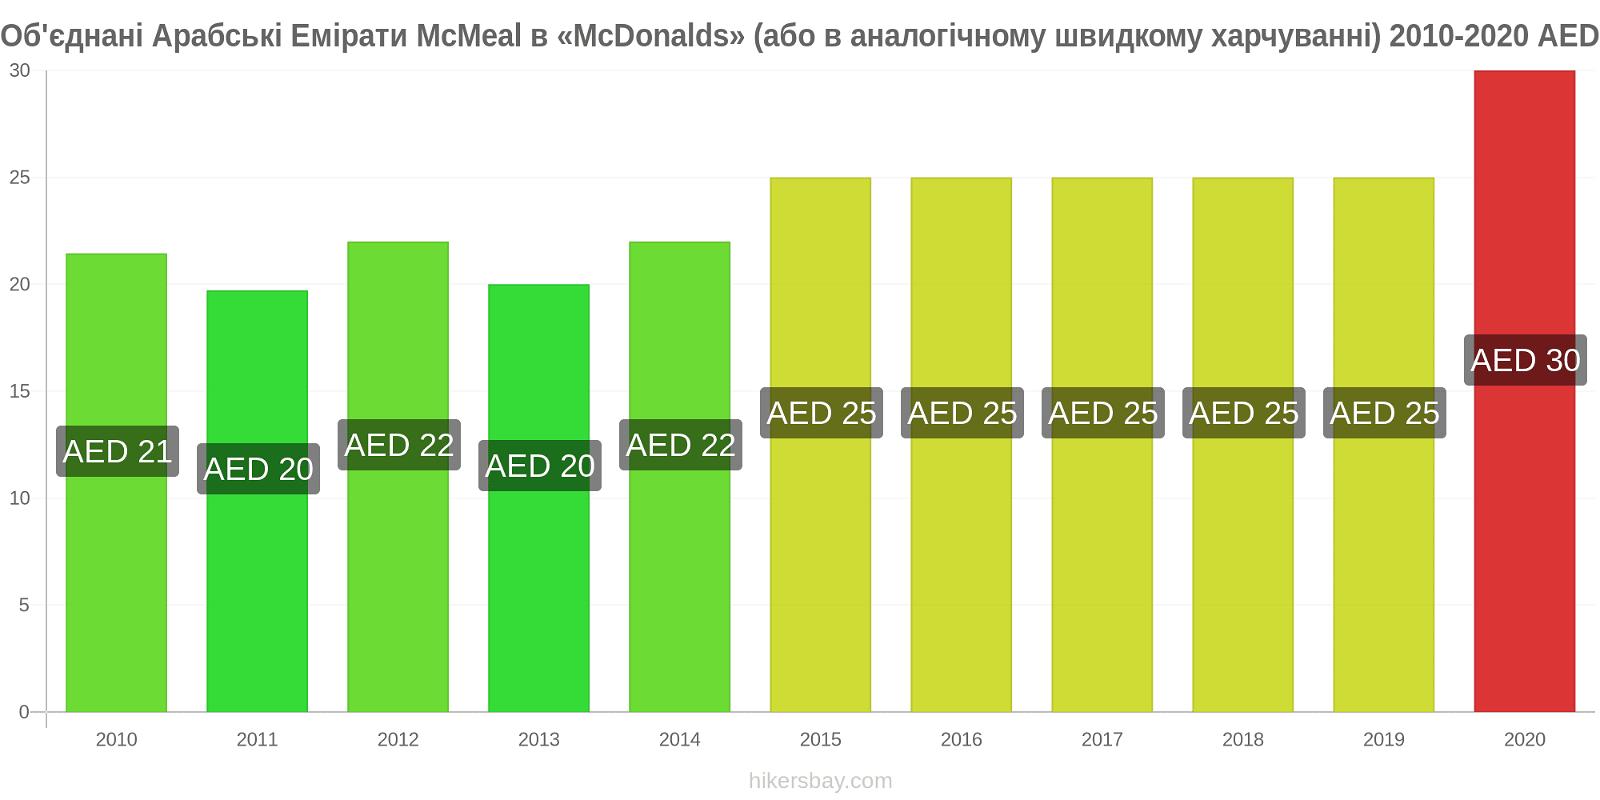 Об'єднані Арабські Емірати зміни цін McMeal в «McDonalds» (або в аналогічному швидкому харчуванні) hikersbay.com